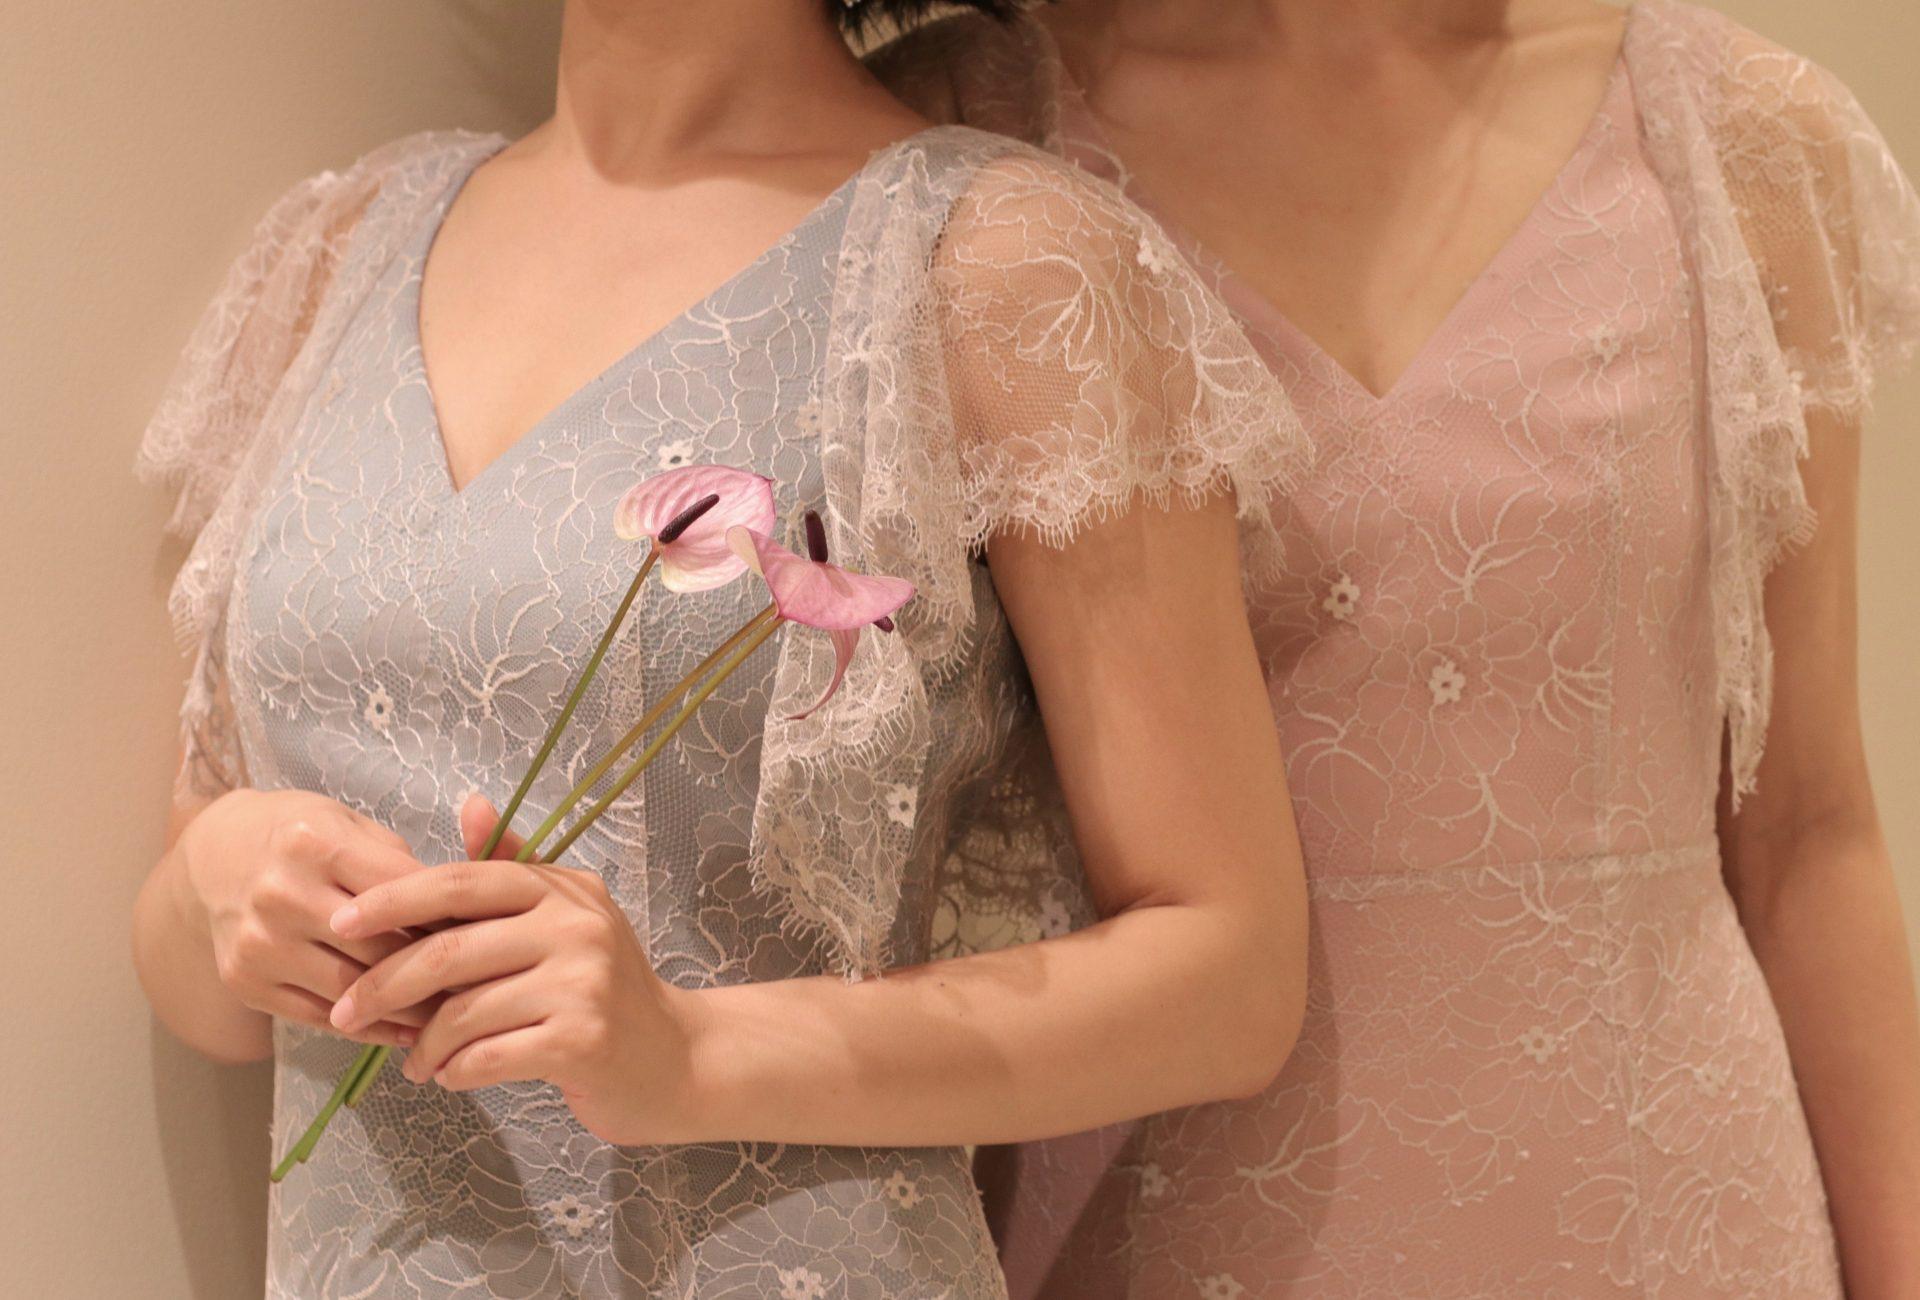 THETREATDRESSINGアディション店がおすすめする新作カラードレスは、Vネックの胸元やレースの袖がデコルテや二の腕をすっきりと美しく魅せ、スタイル良くお召し頂くことの出来るデザインです